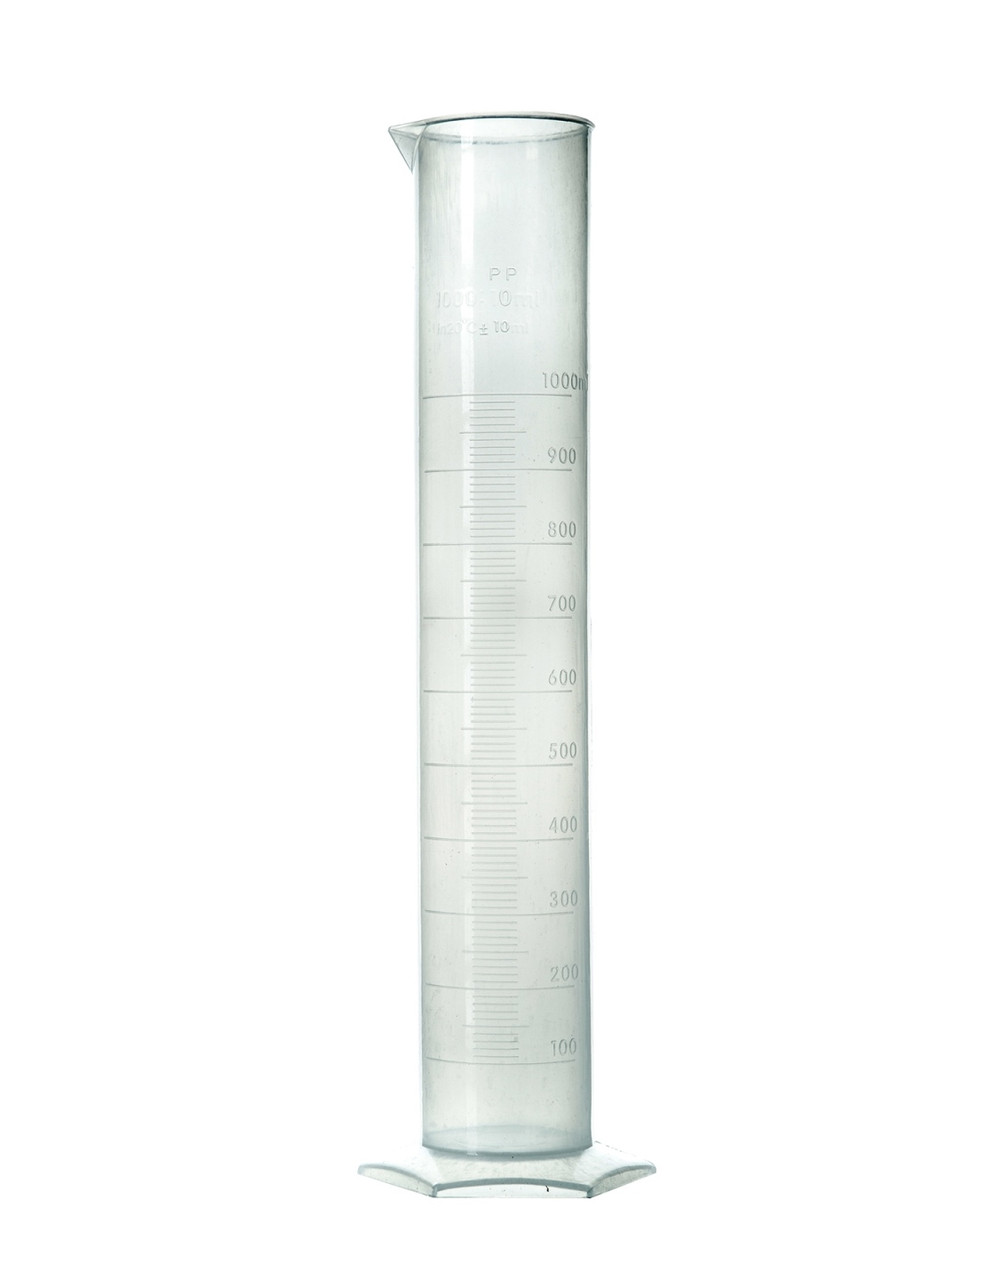 Цилиндр мерный с рельефной шкалой